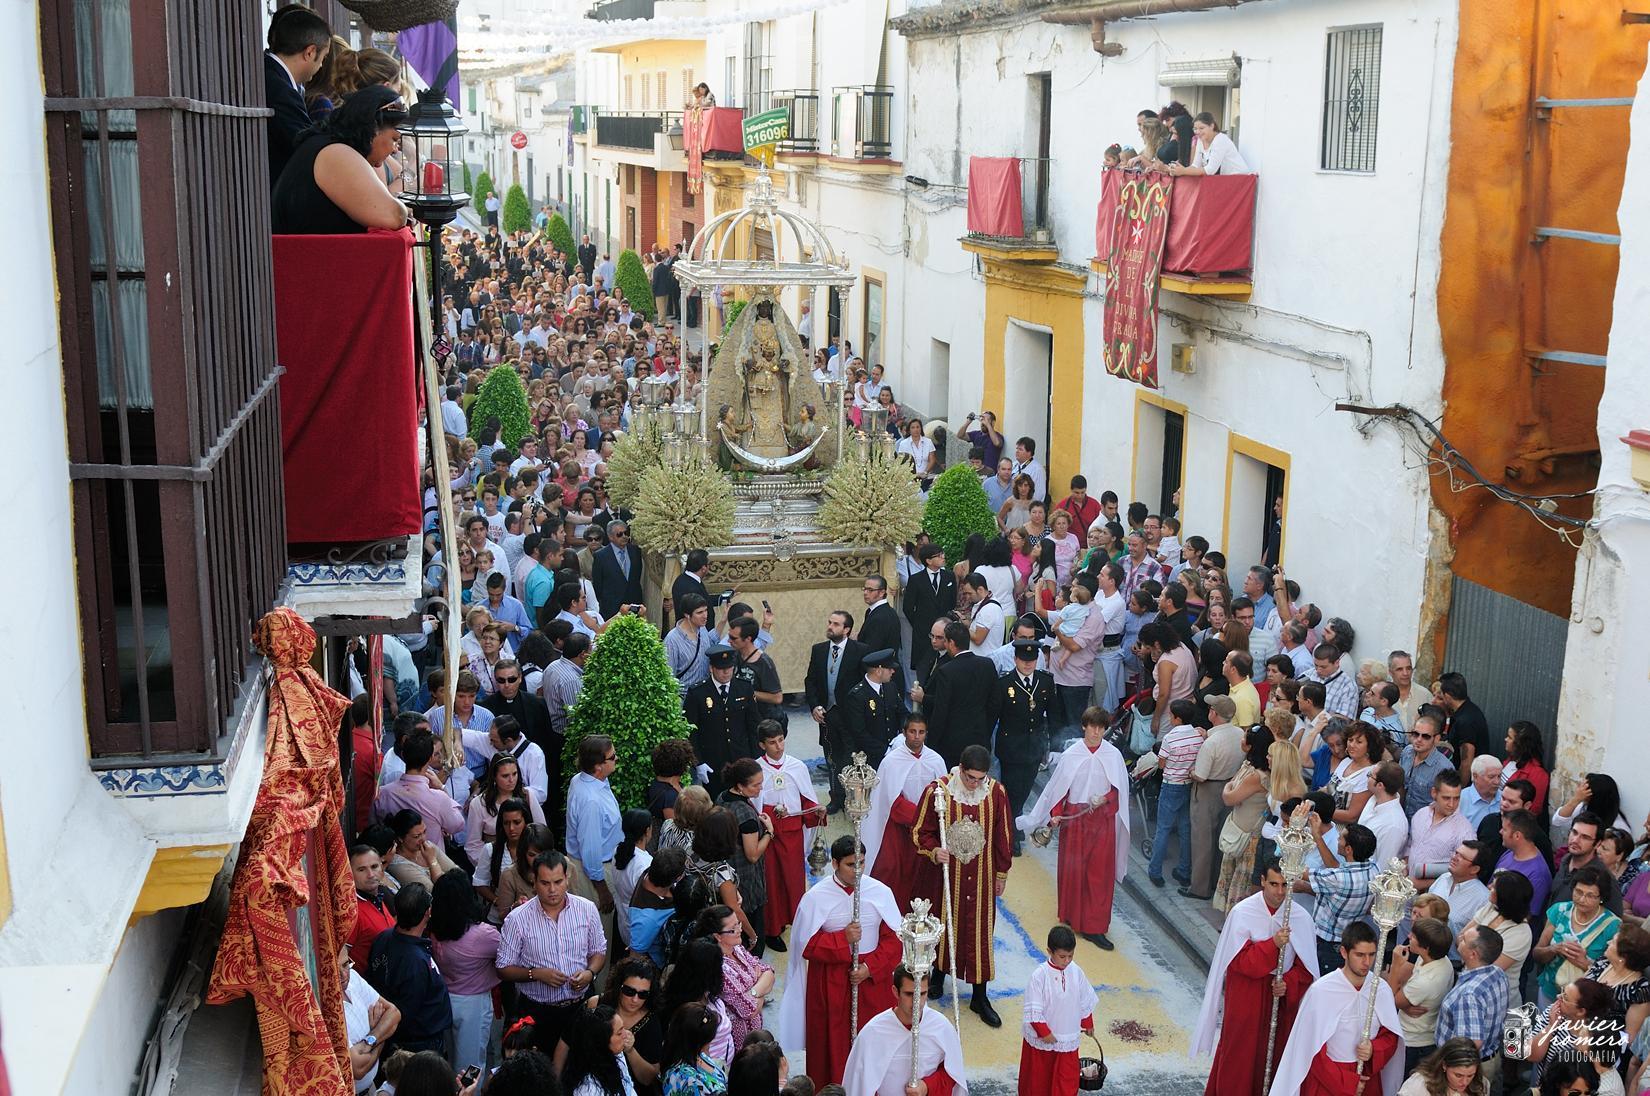 24 de septiembre: Jerez se rinde a su Patrona, la Virgen de la Merced